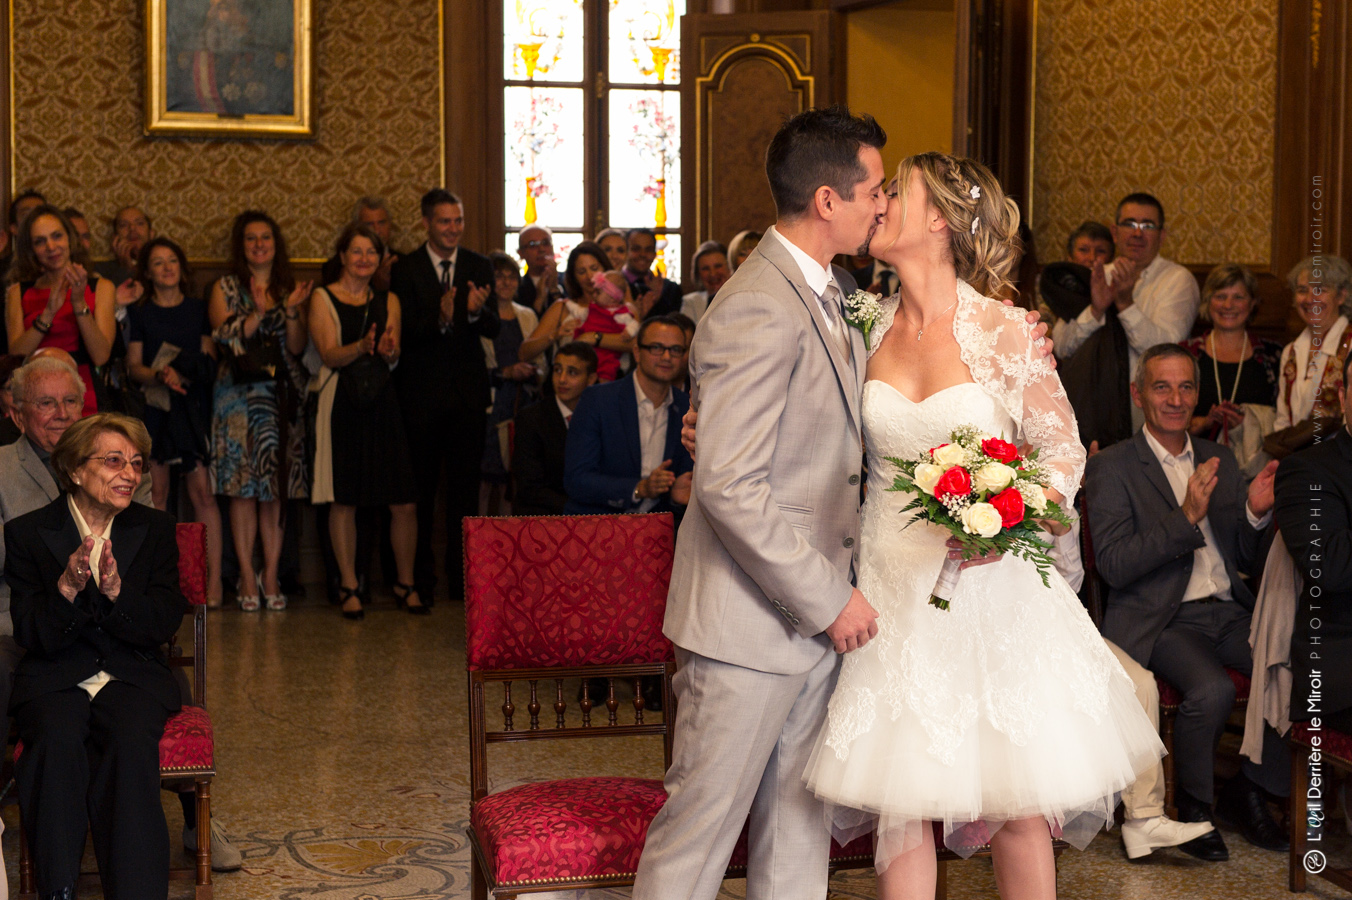 Photographe de mariage à Monaco Monte Carlo | L'Œil Derrière le Miroir • Photographie